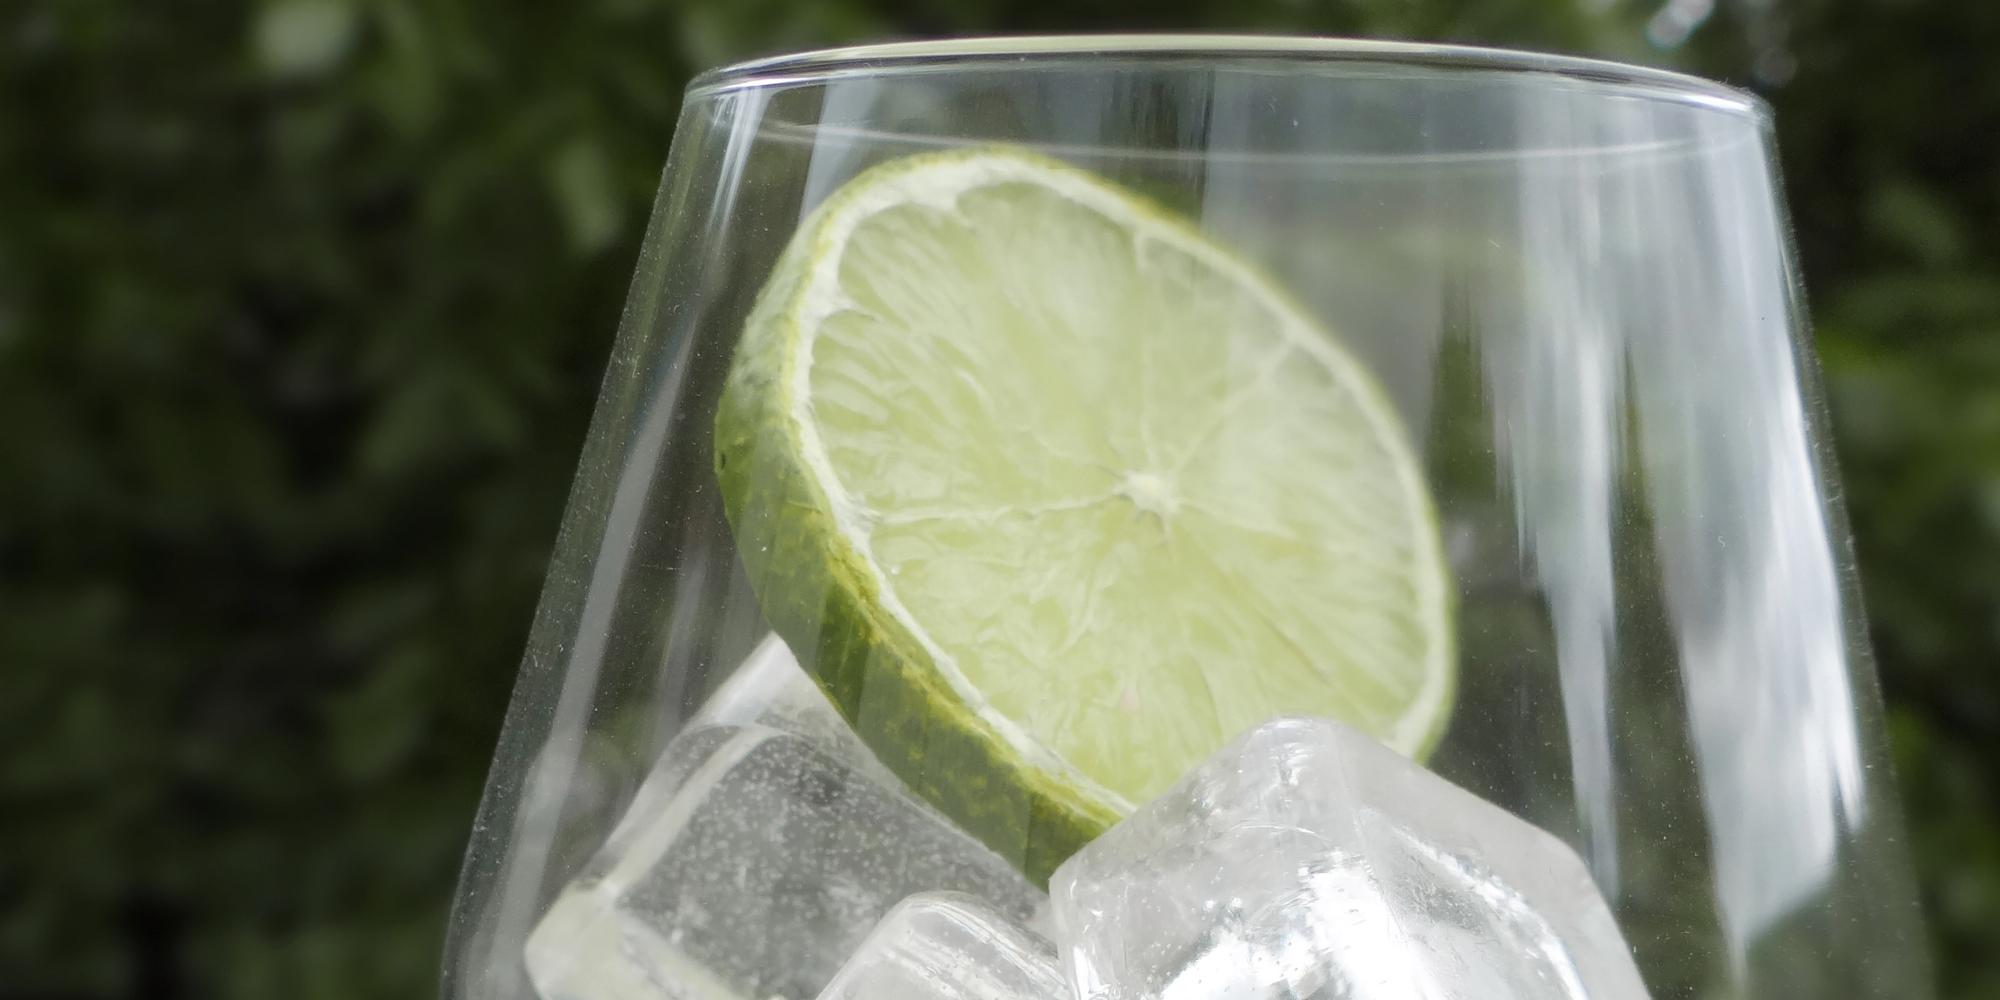 fausse rondelle de citron vert et glaçons factices